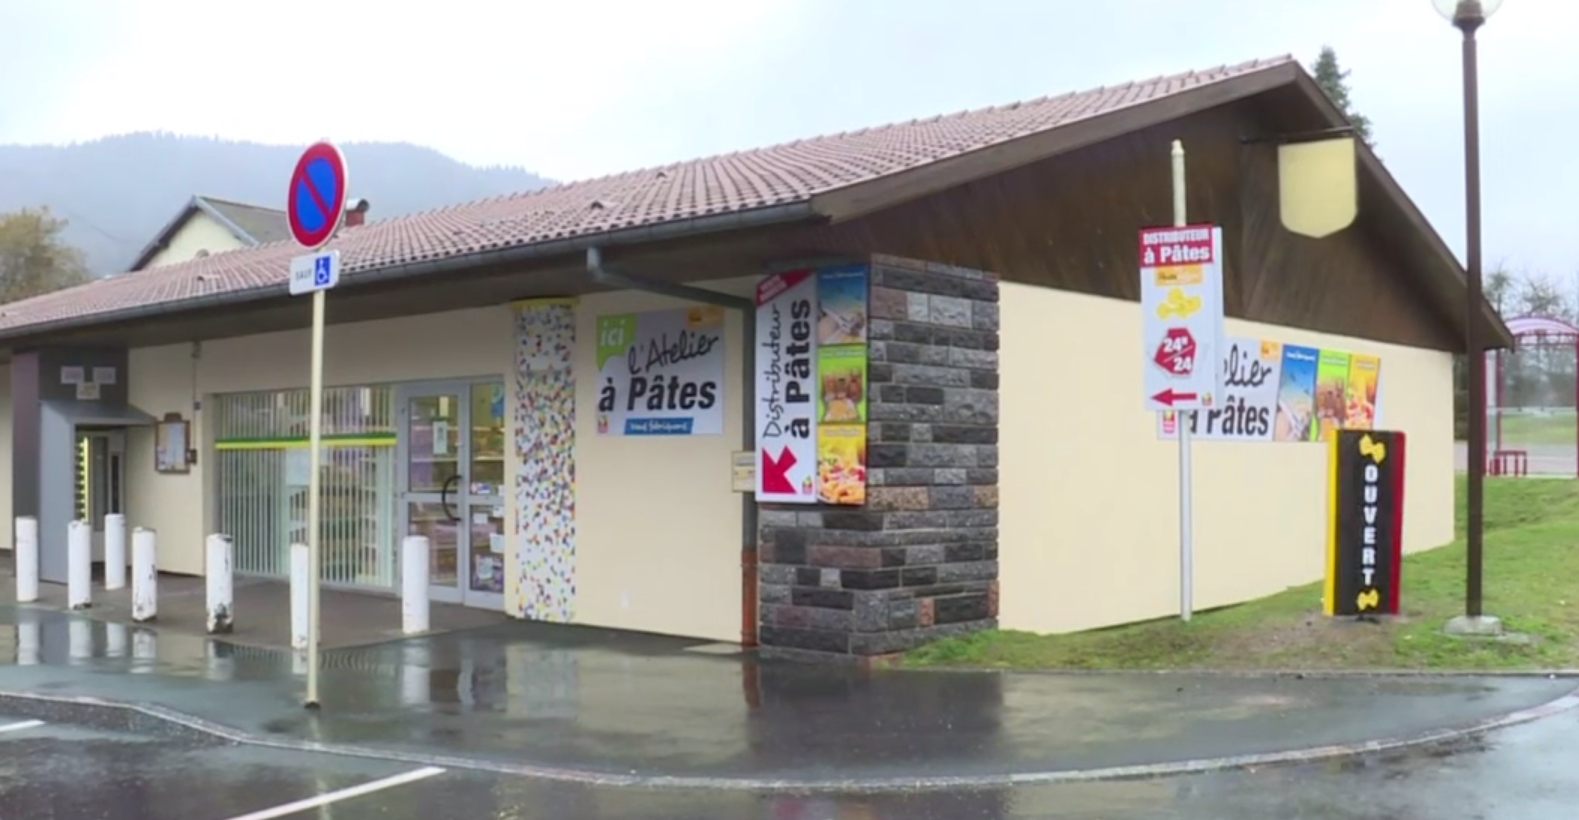 Les horaires d'ouverture du magasin LèAtelier à Pâtes à Thiéfosse